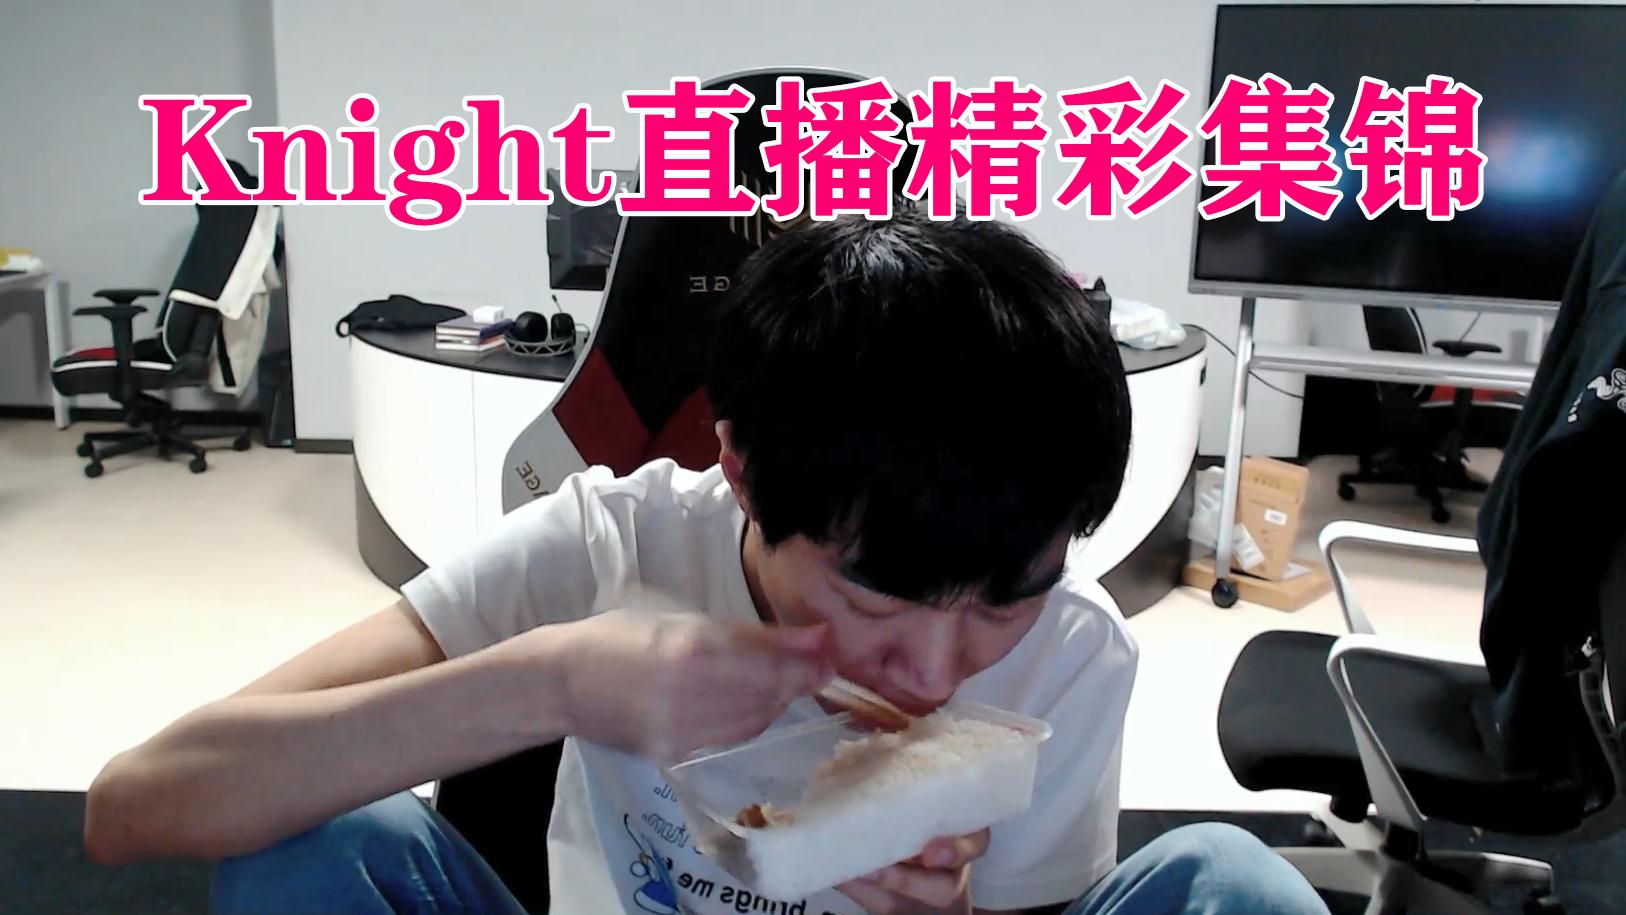 【Knight】近期直播精彩集锦